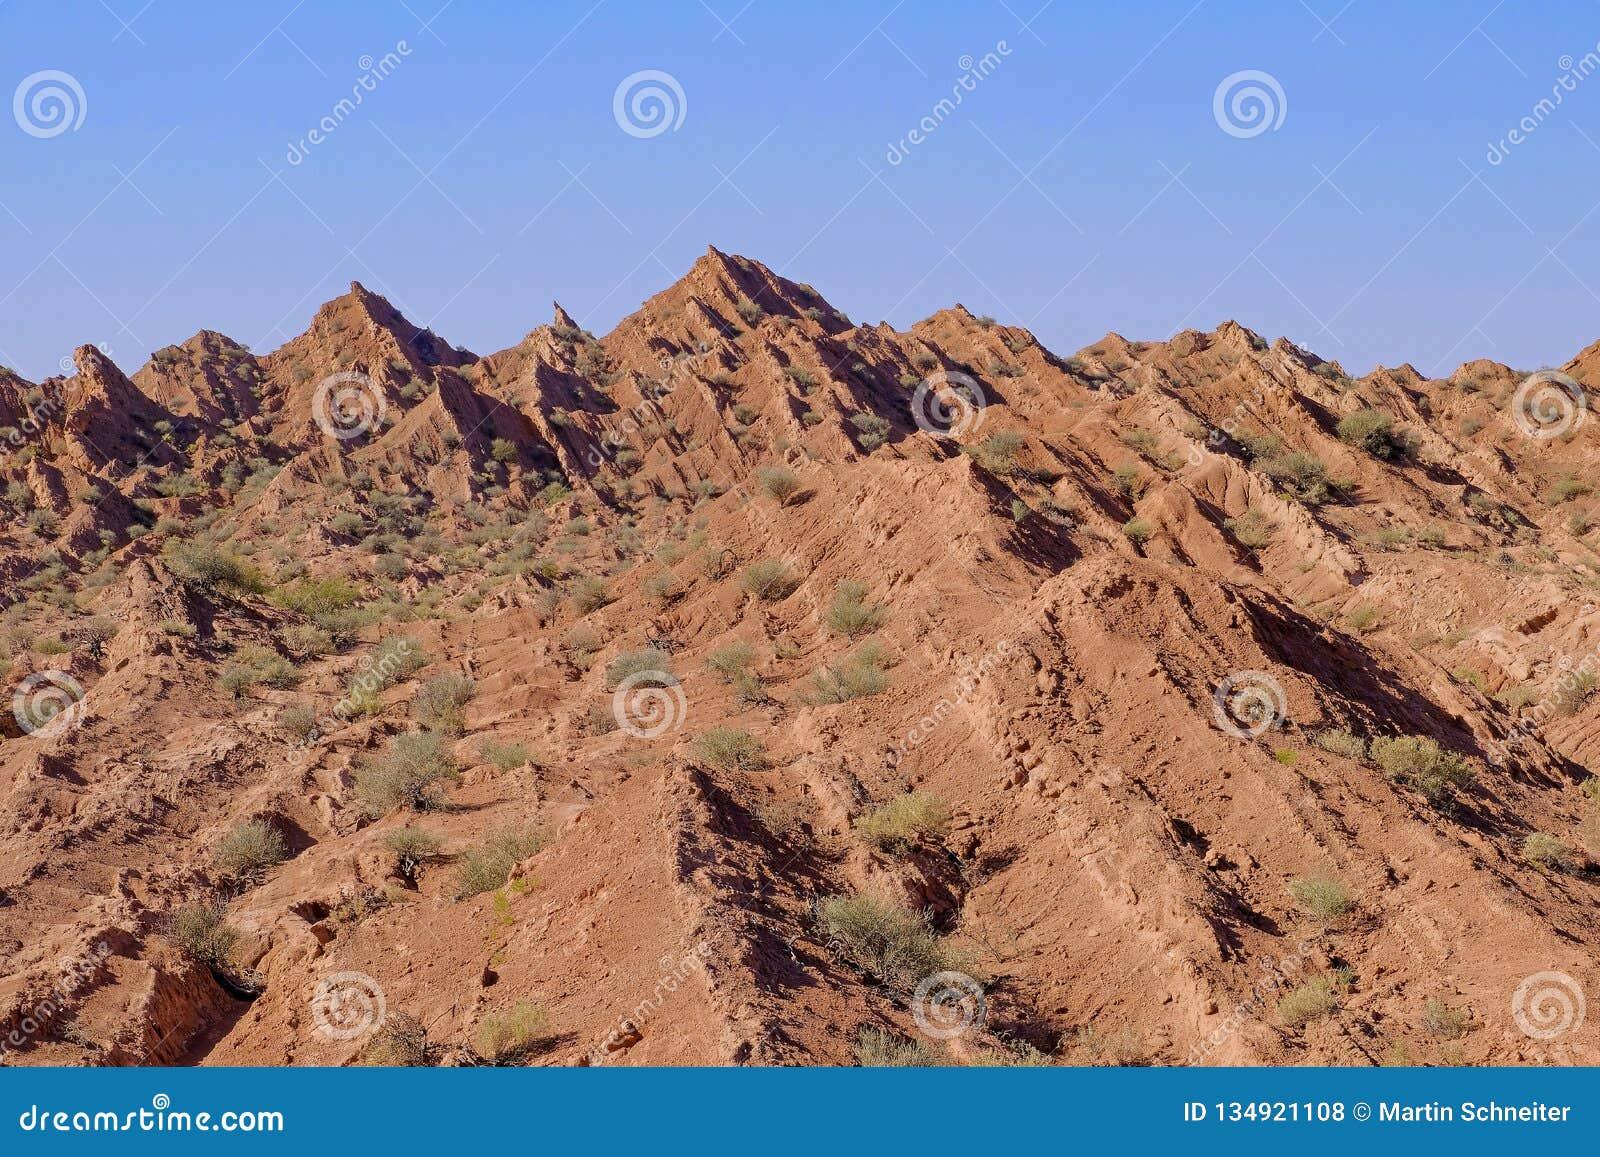 El doblar y columna hexagonal natural de las montañas, barranco de Cuesta Del Viento, rodeo, San Juan, la Argentina